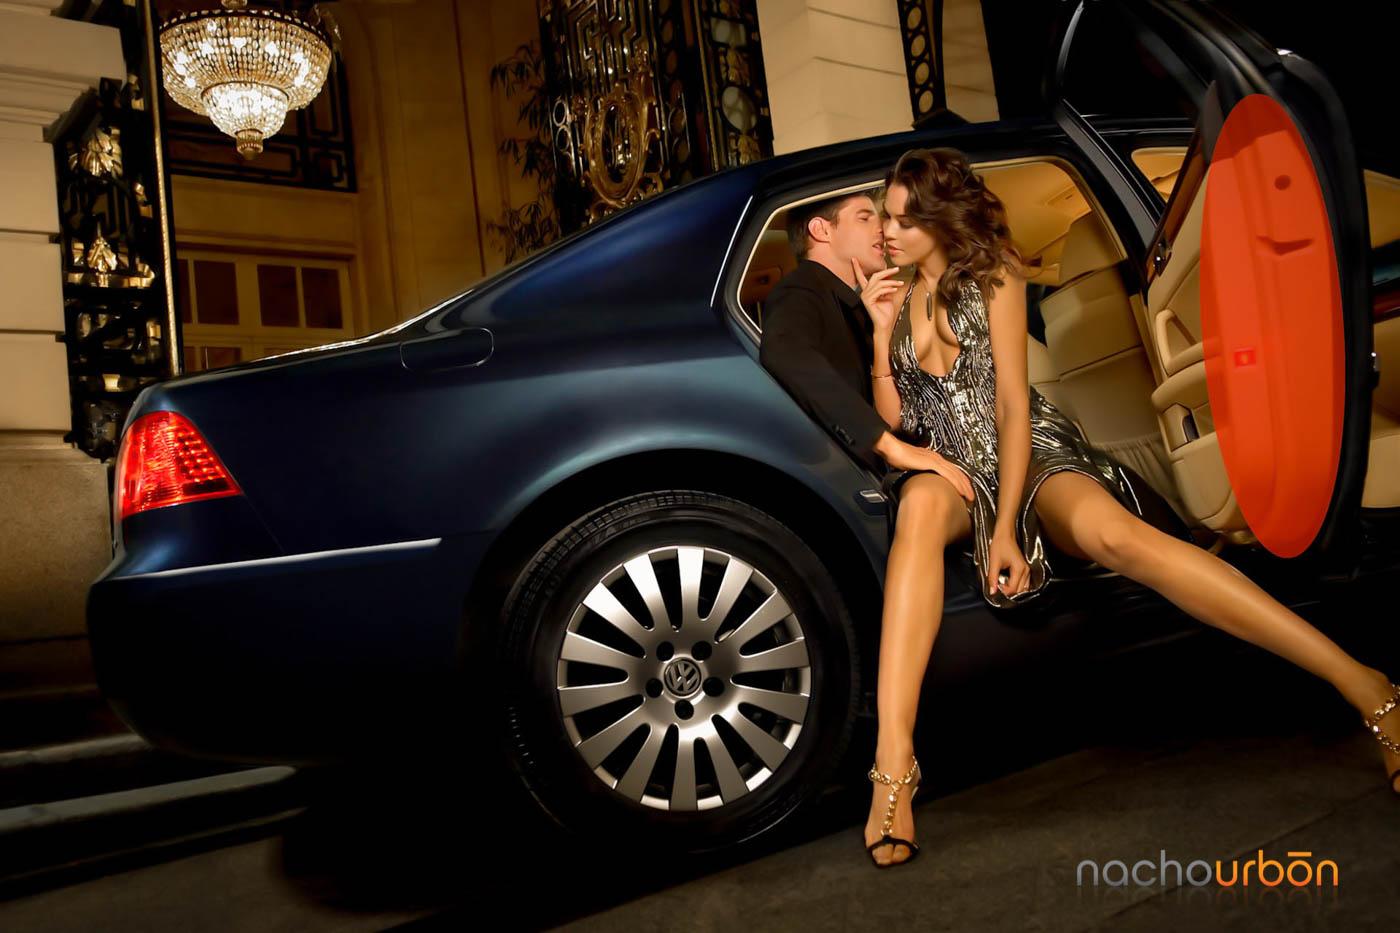 fotografo-coches-automovil-especialista-fotografia